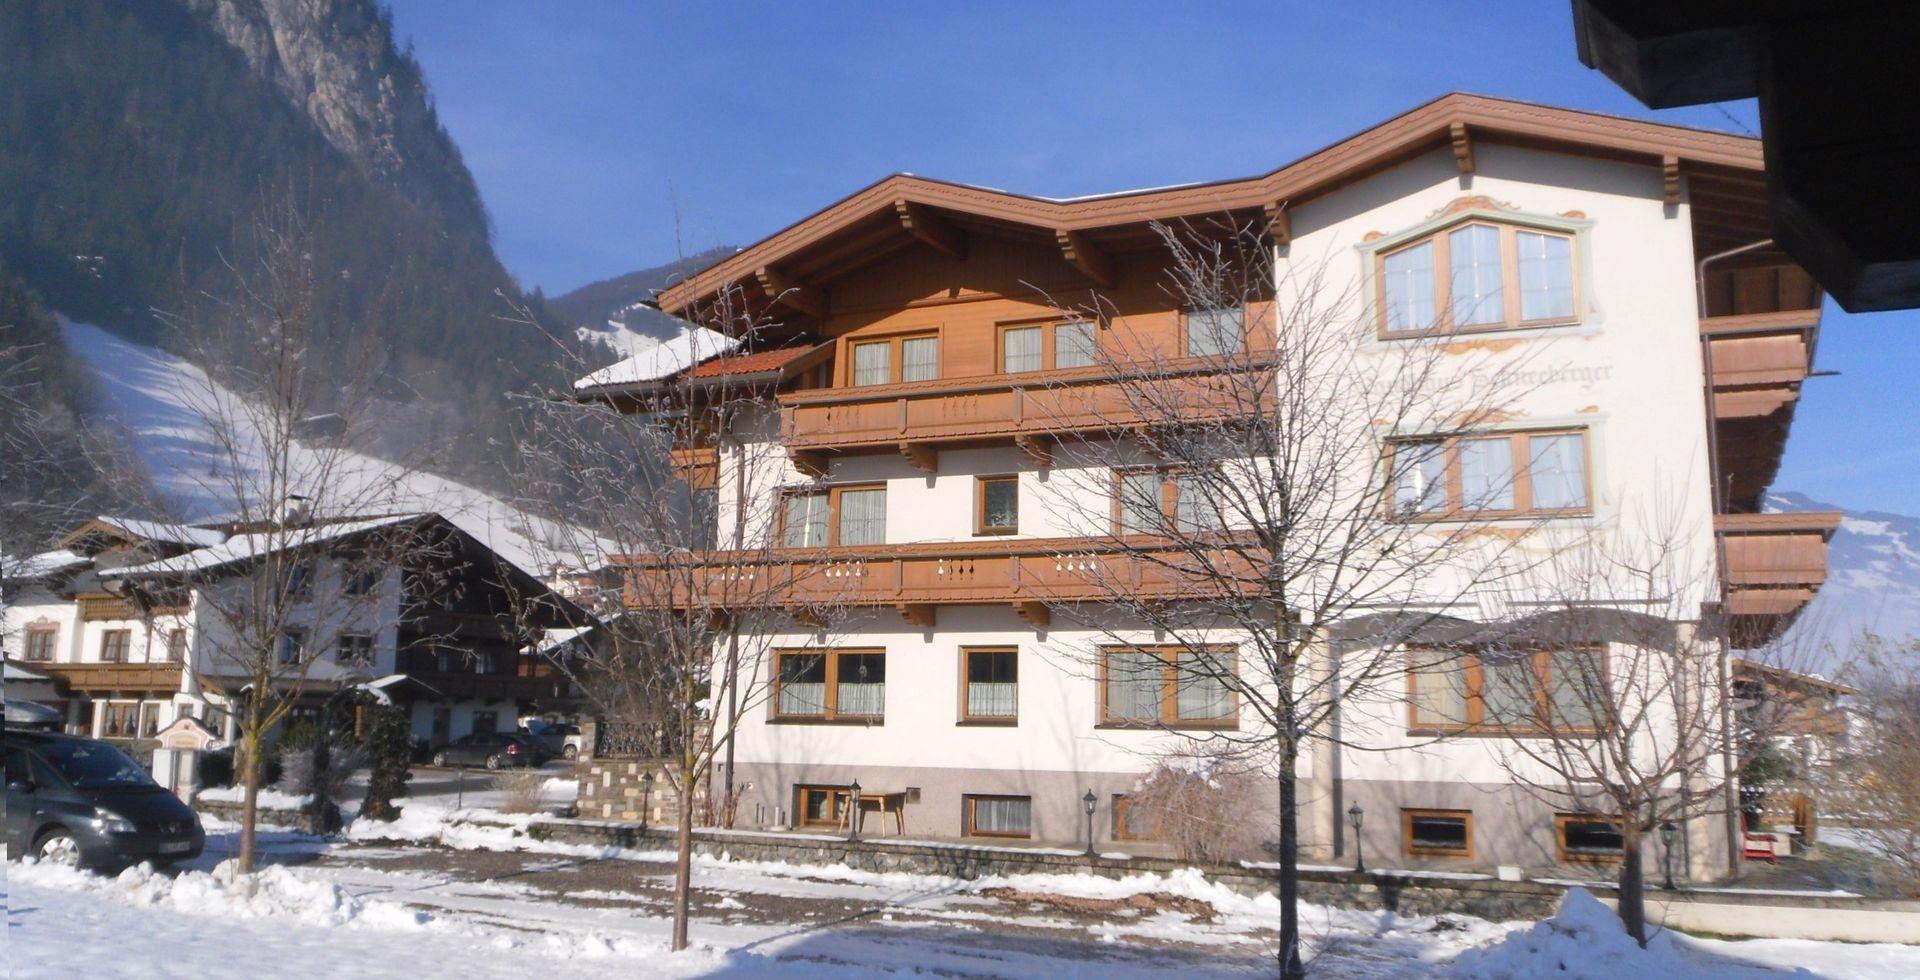 Slide1 - Gastehaus Schneeberger